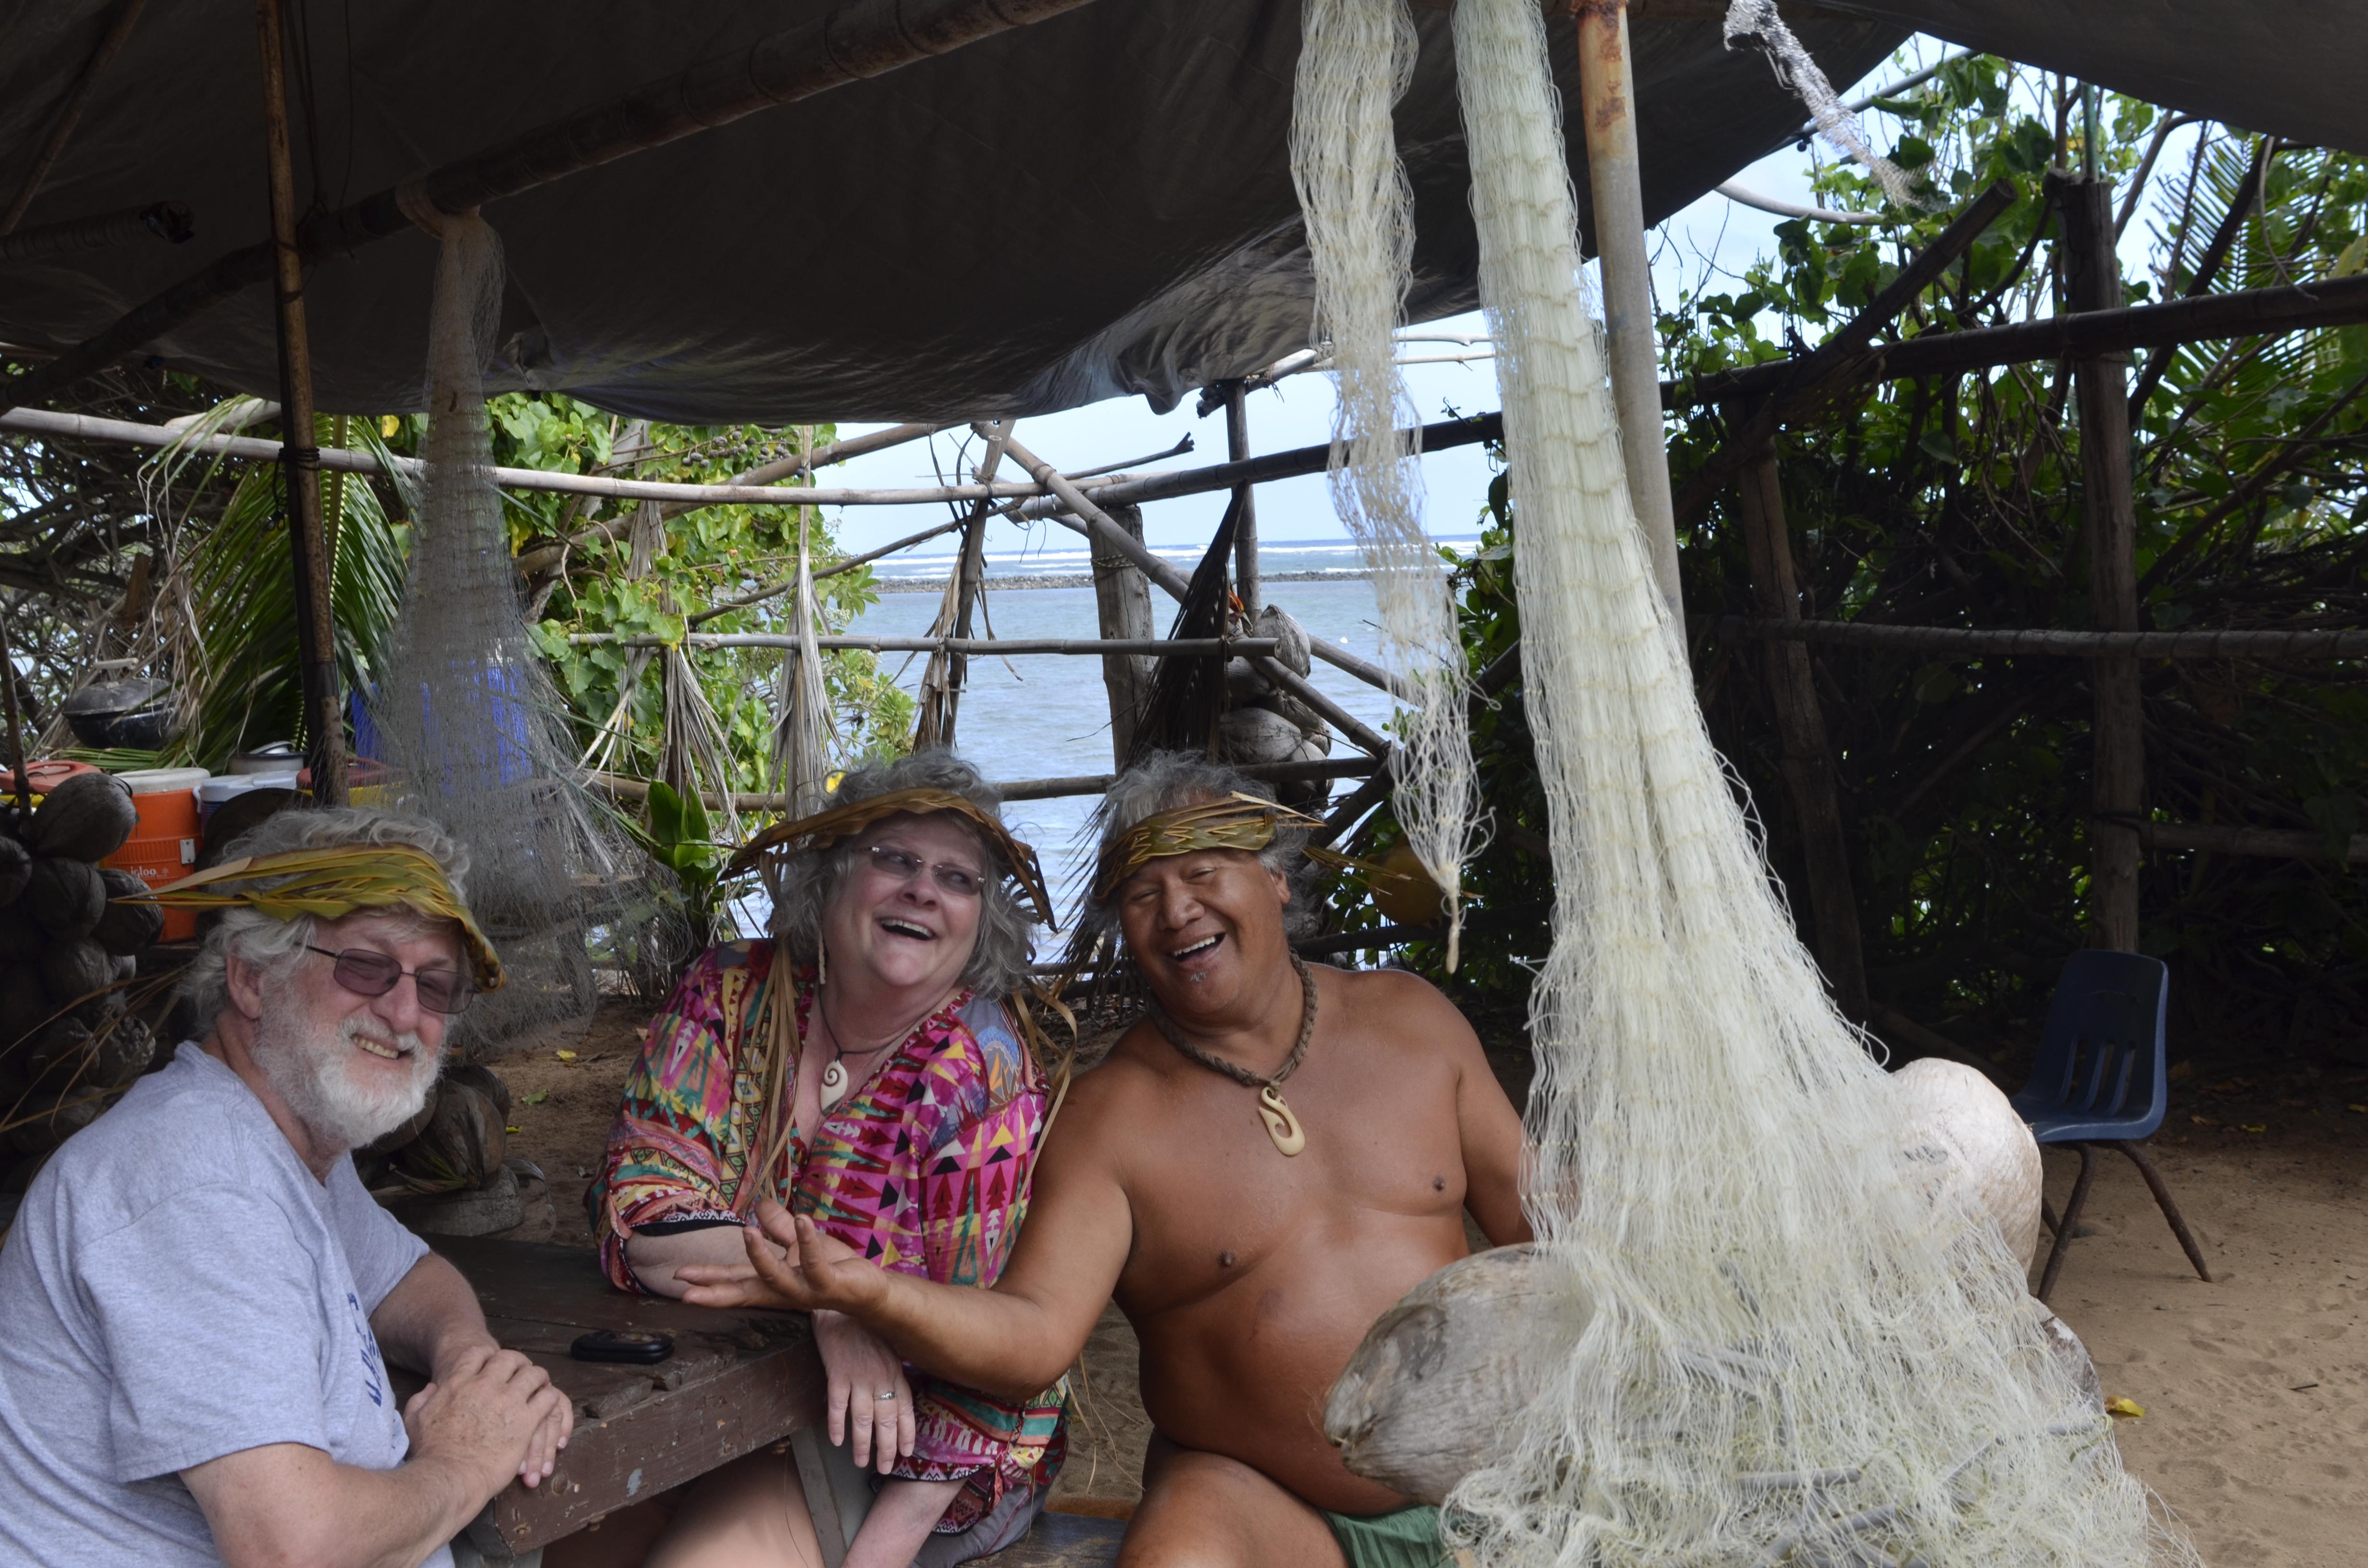 Tom, me, and Lei-mana.